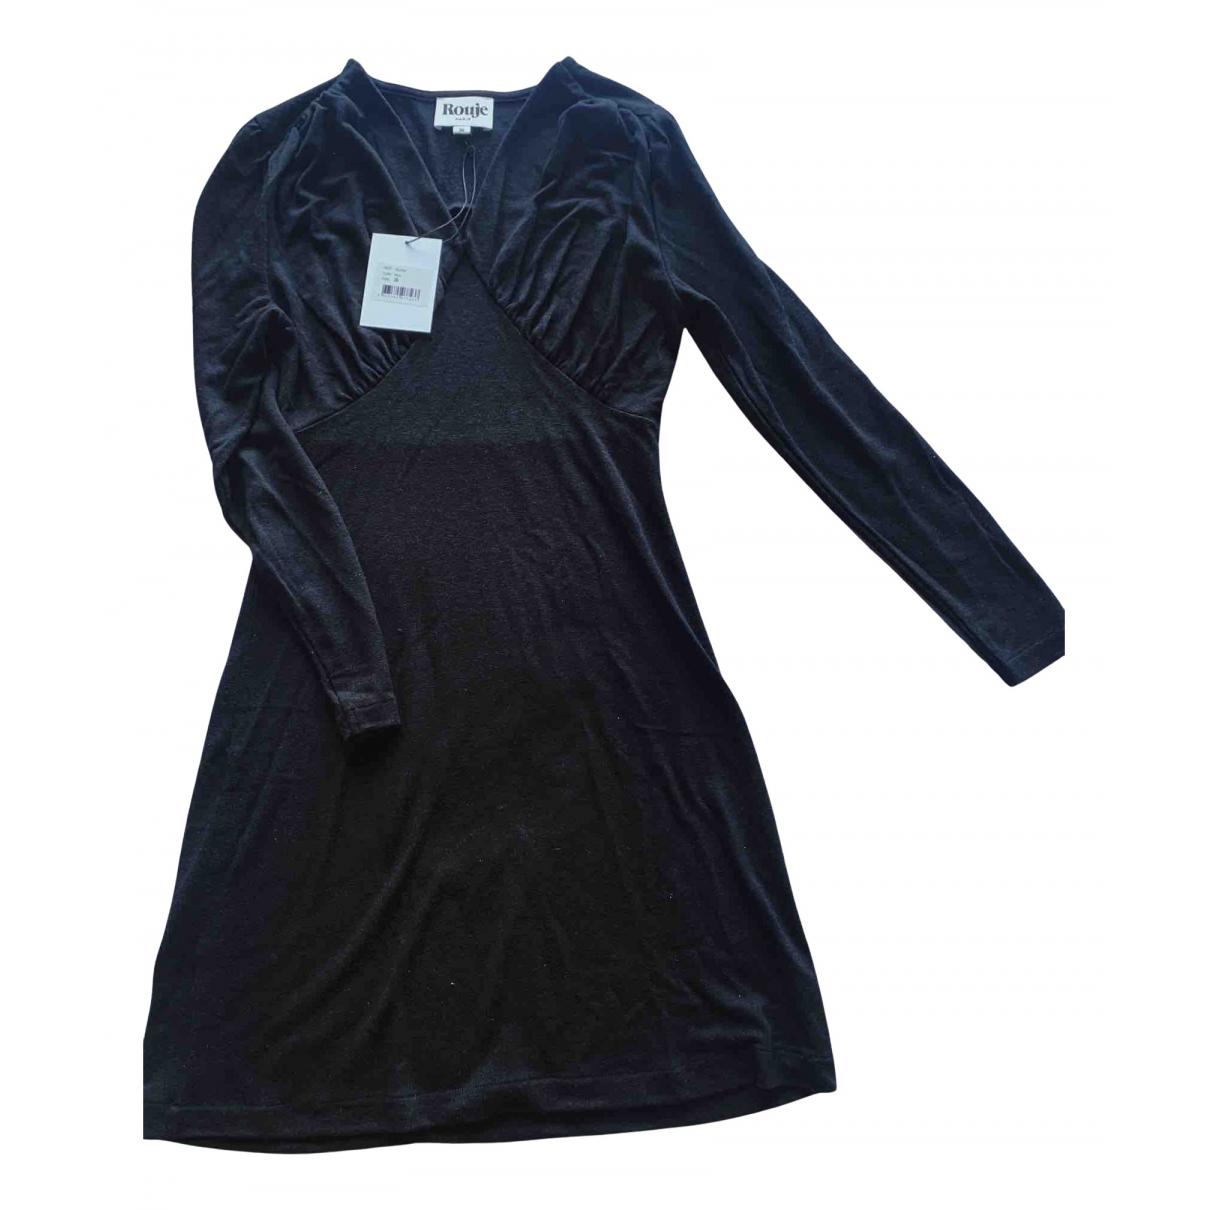 Rouje - Robe   pour femme en laine - noir